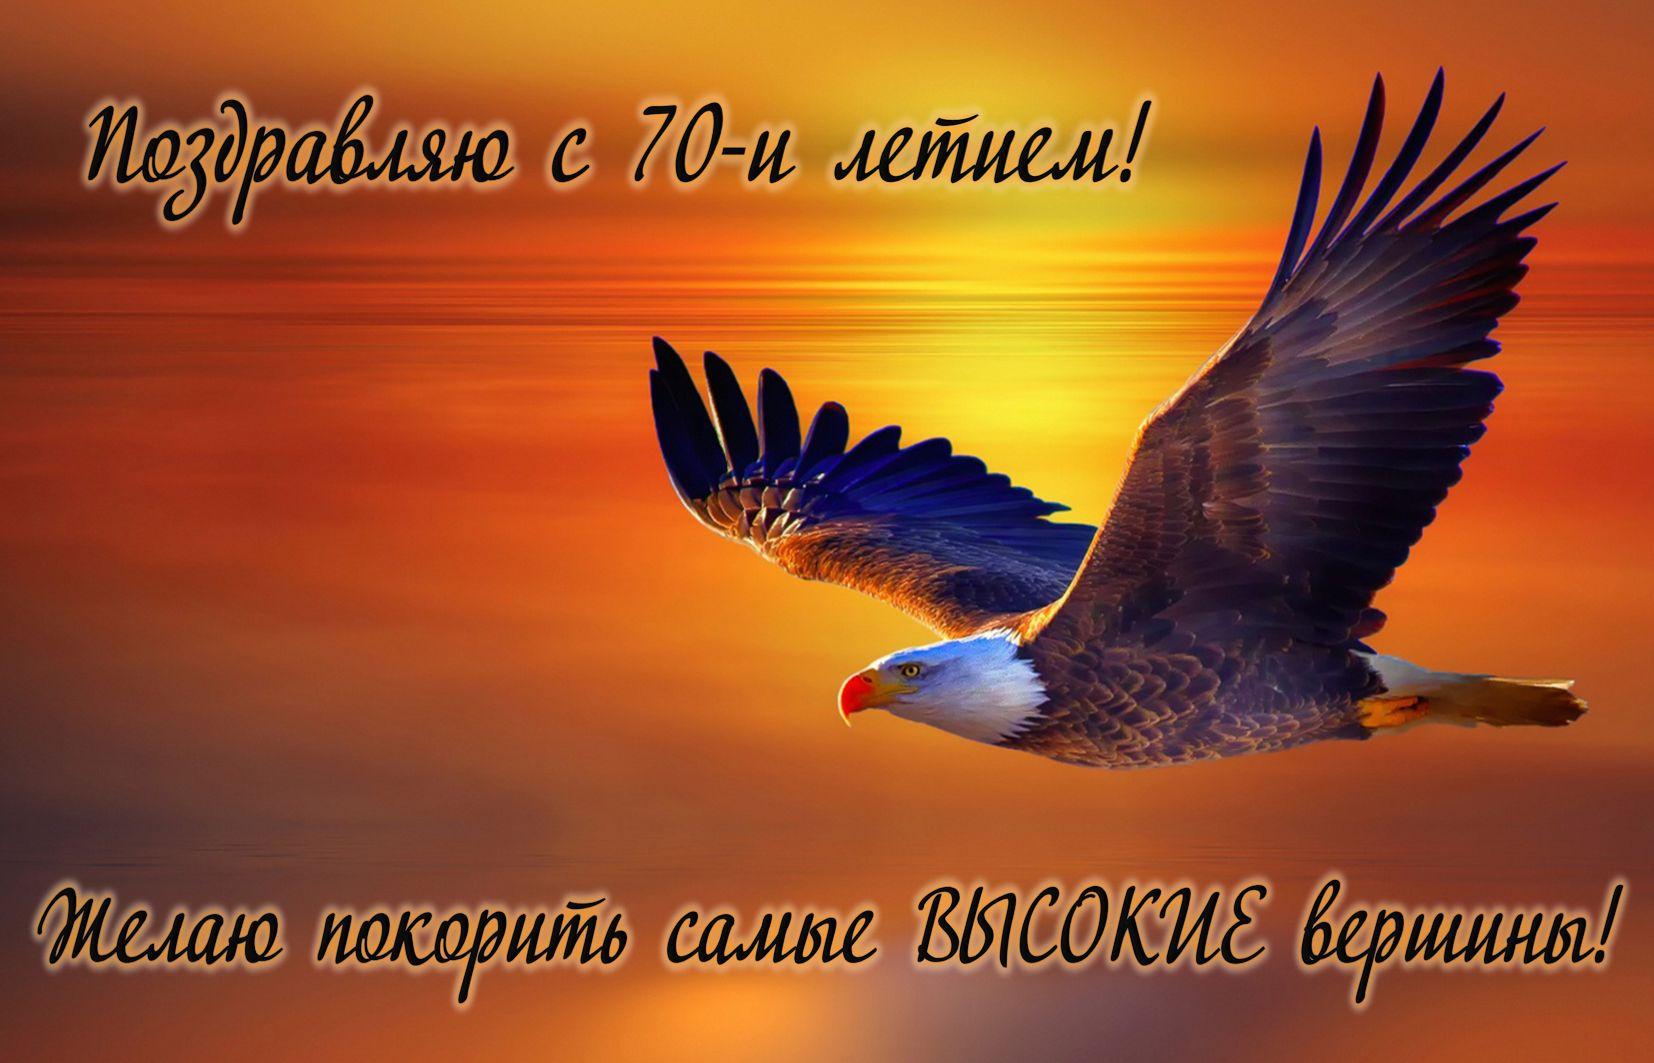 Открытка на юбилей 70 лет - орел в закатном небе и пожелание